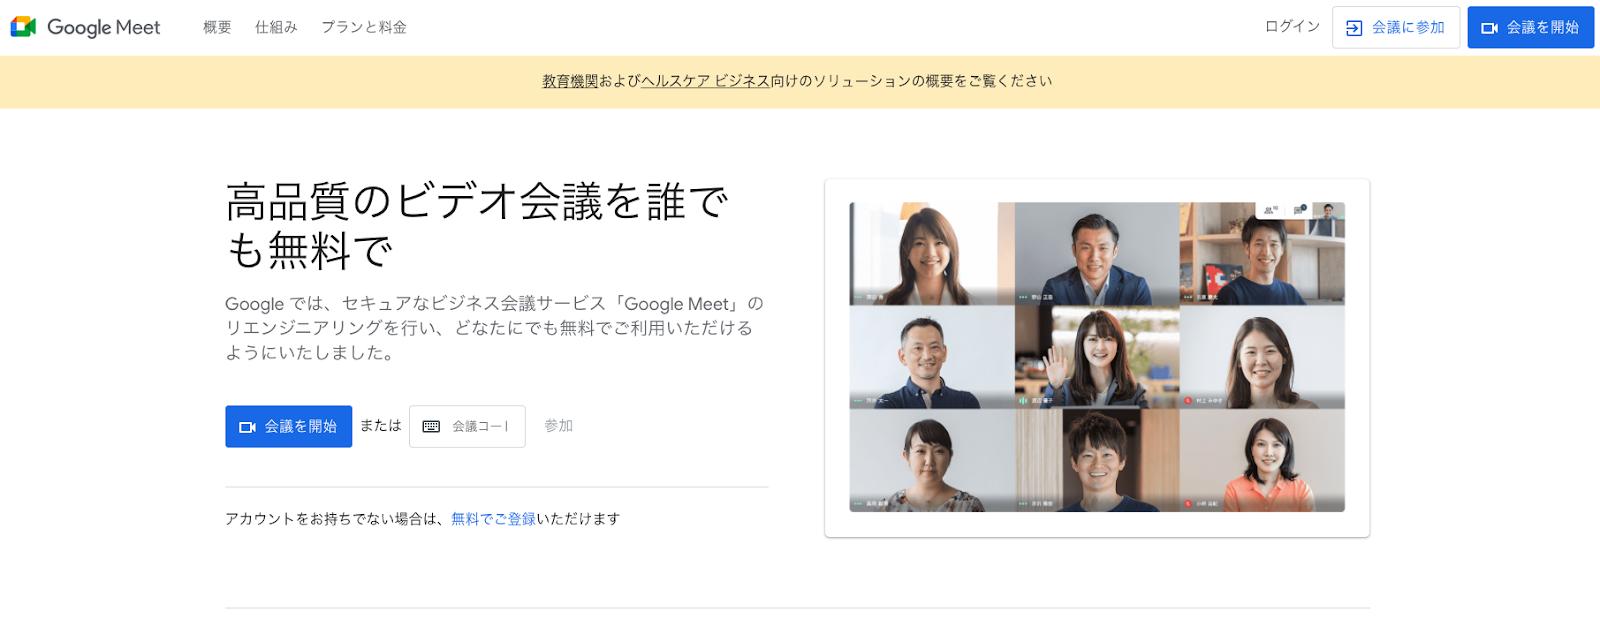 「Google Meet」トップ画像